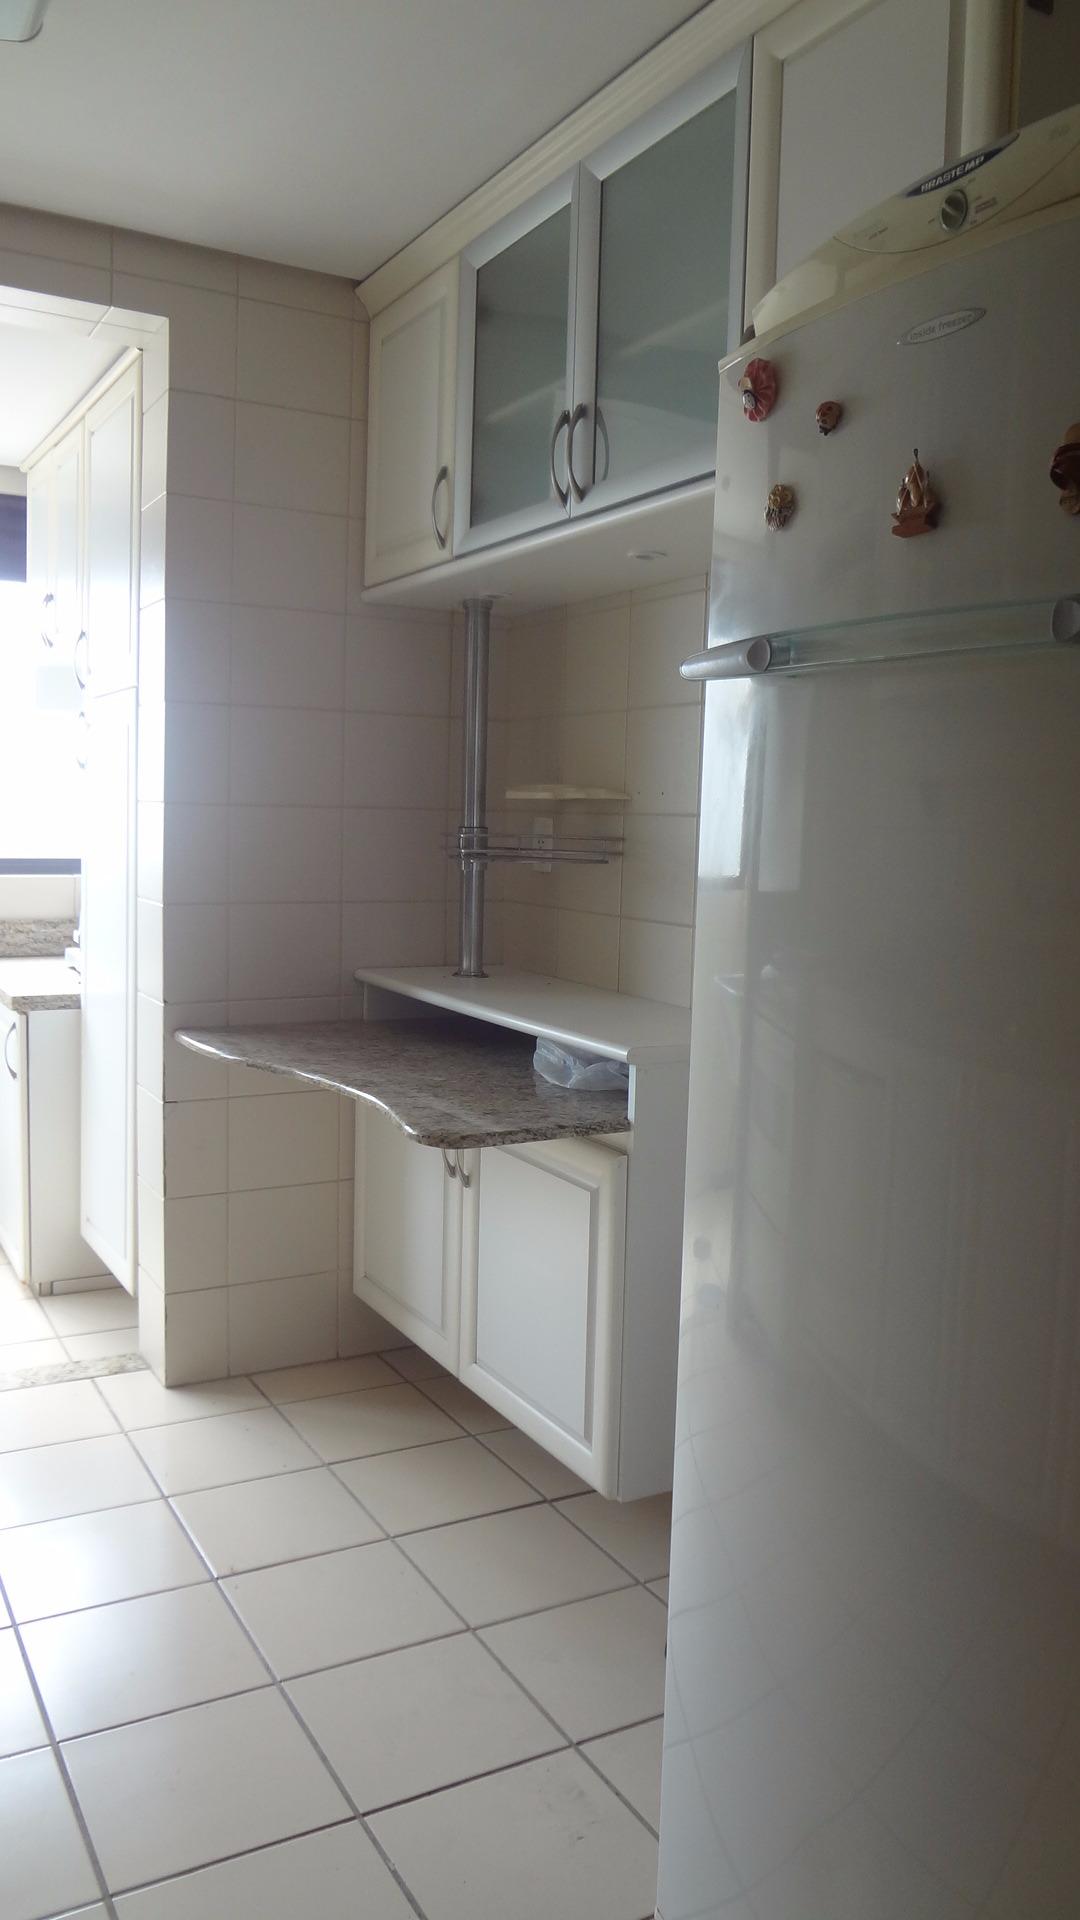 Apartamento com 3 Dormitórios 1 Suíte e 2 Vagas de Garagem à venda  #5B6170 1080x1920 Armario Banheiro Sao Joao